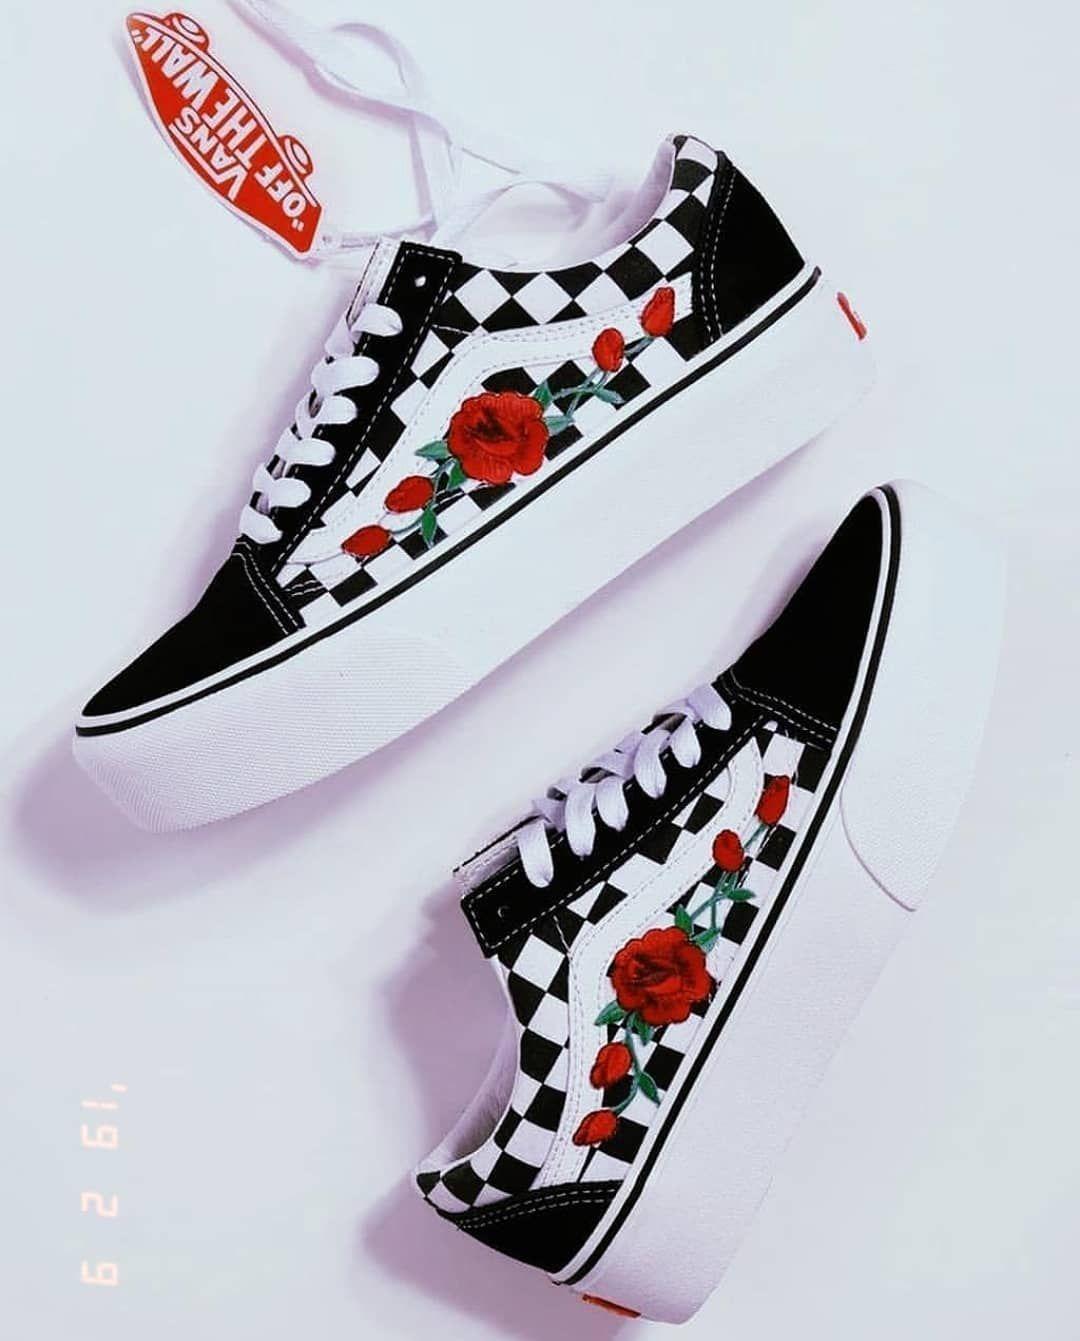 Épinglé par My Info sur cadeaux Rosaly | Vans chaussures ...